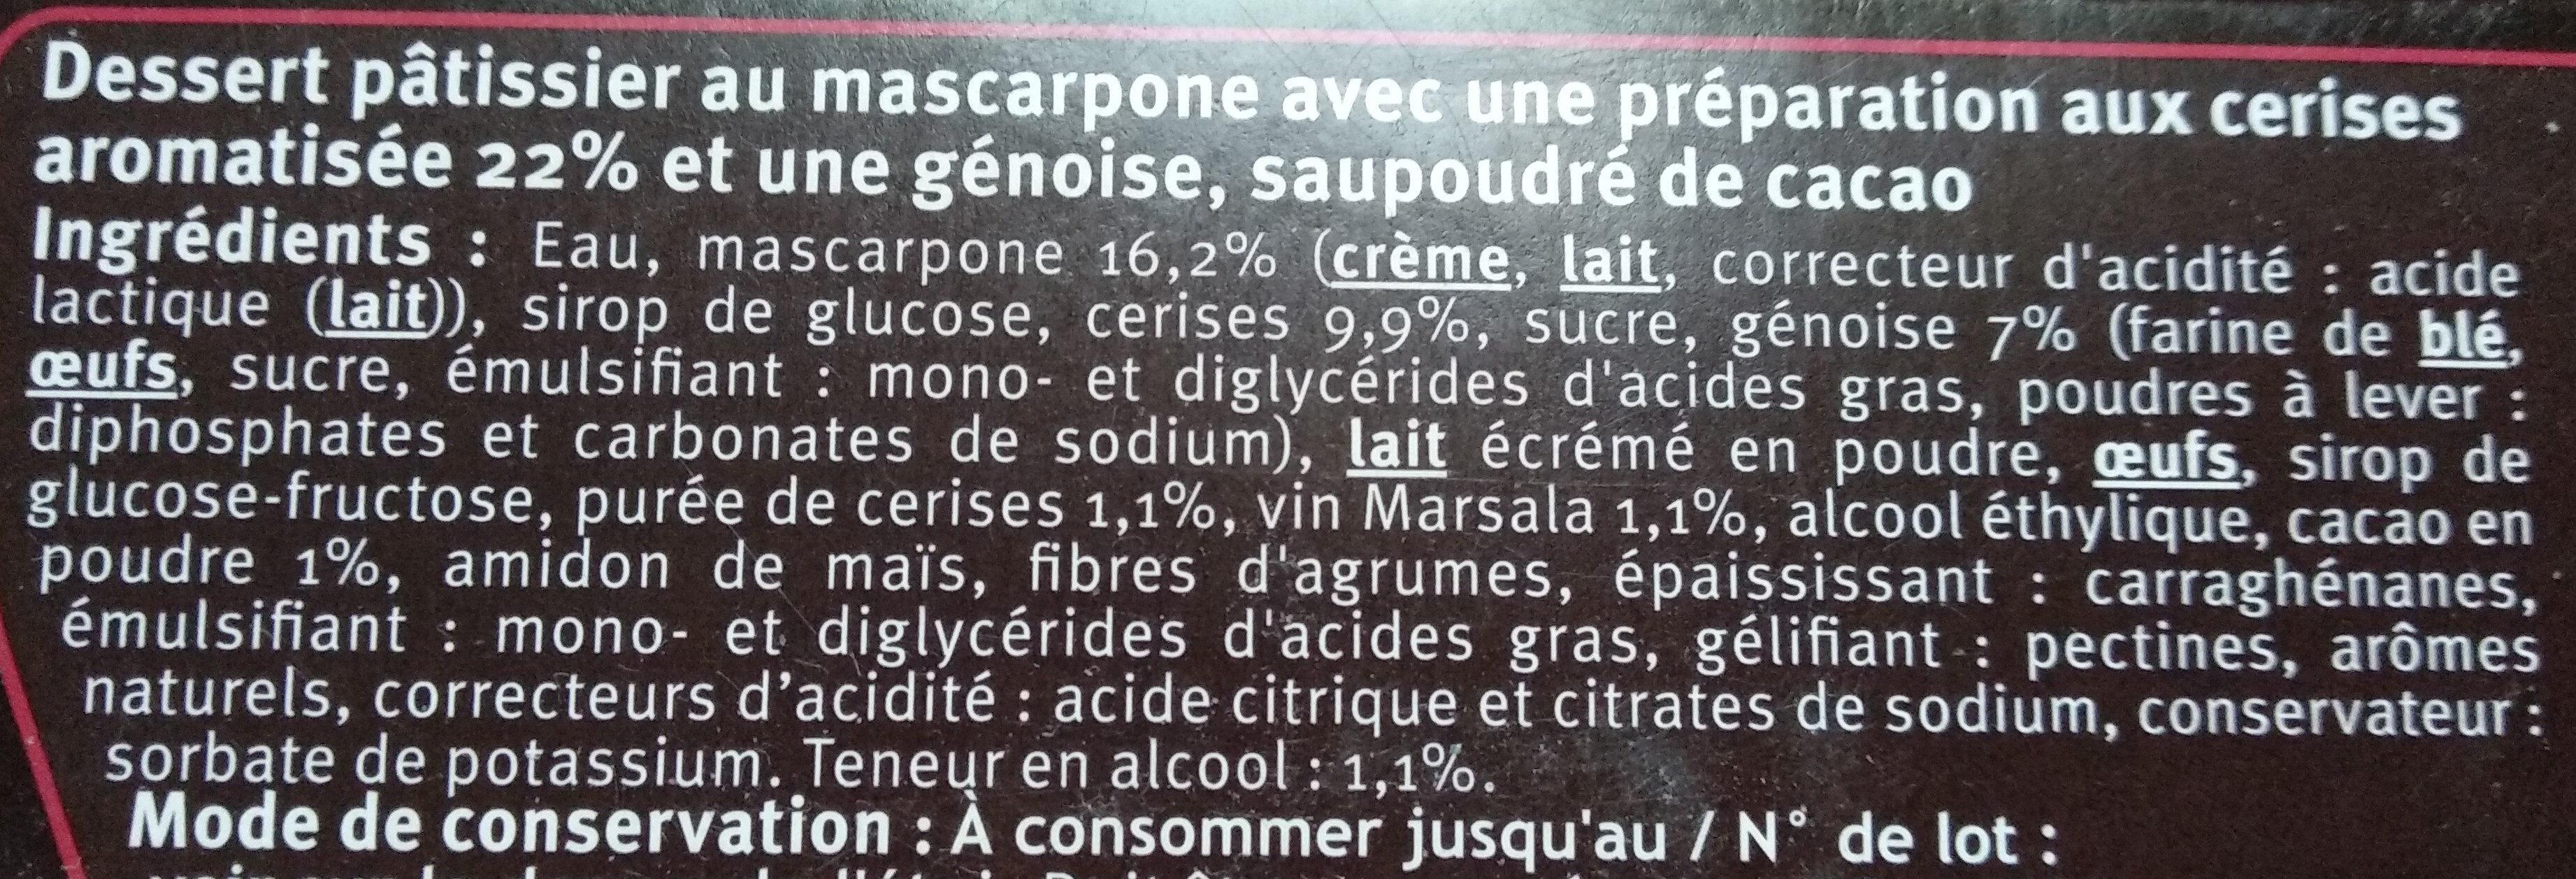 Dessert pâtissier au mascarpone avec préparation aux cerises aromatisée 22% et génoise saupoudré de cacao - Ingredients - fr